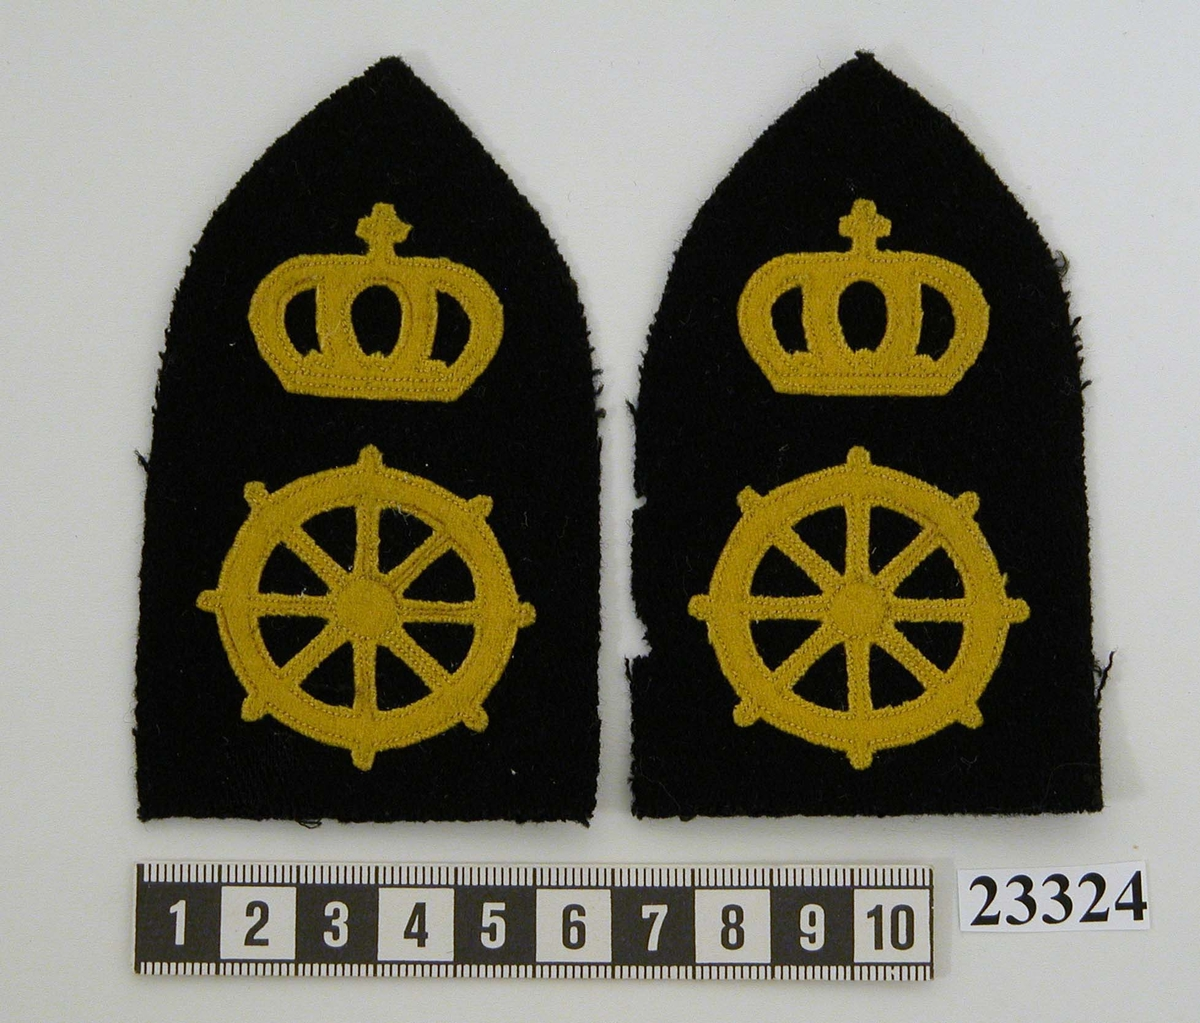 Granatformad yrkesbeteckning (ett par) i svart textil försedd med ratt (vilken betecknar däckslinje) samt krona i gult kläde. Båda tecknen är fastsydda med gul tråd.